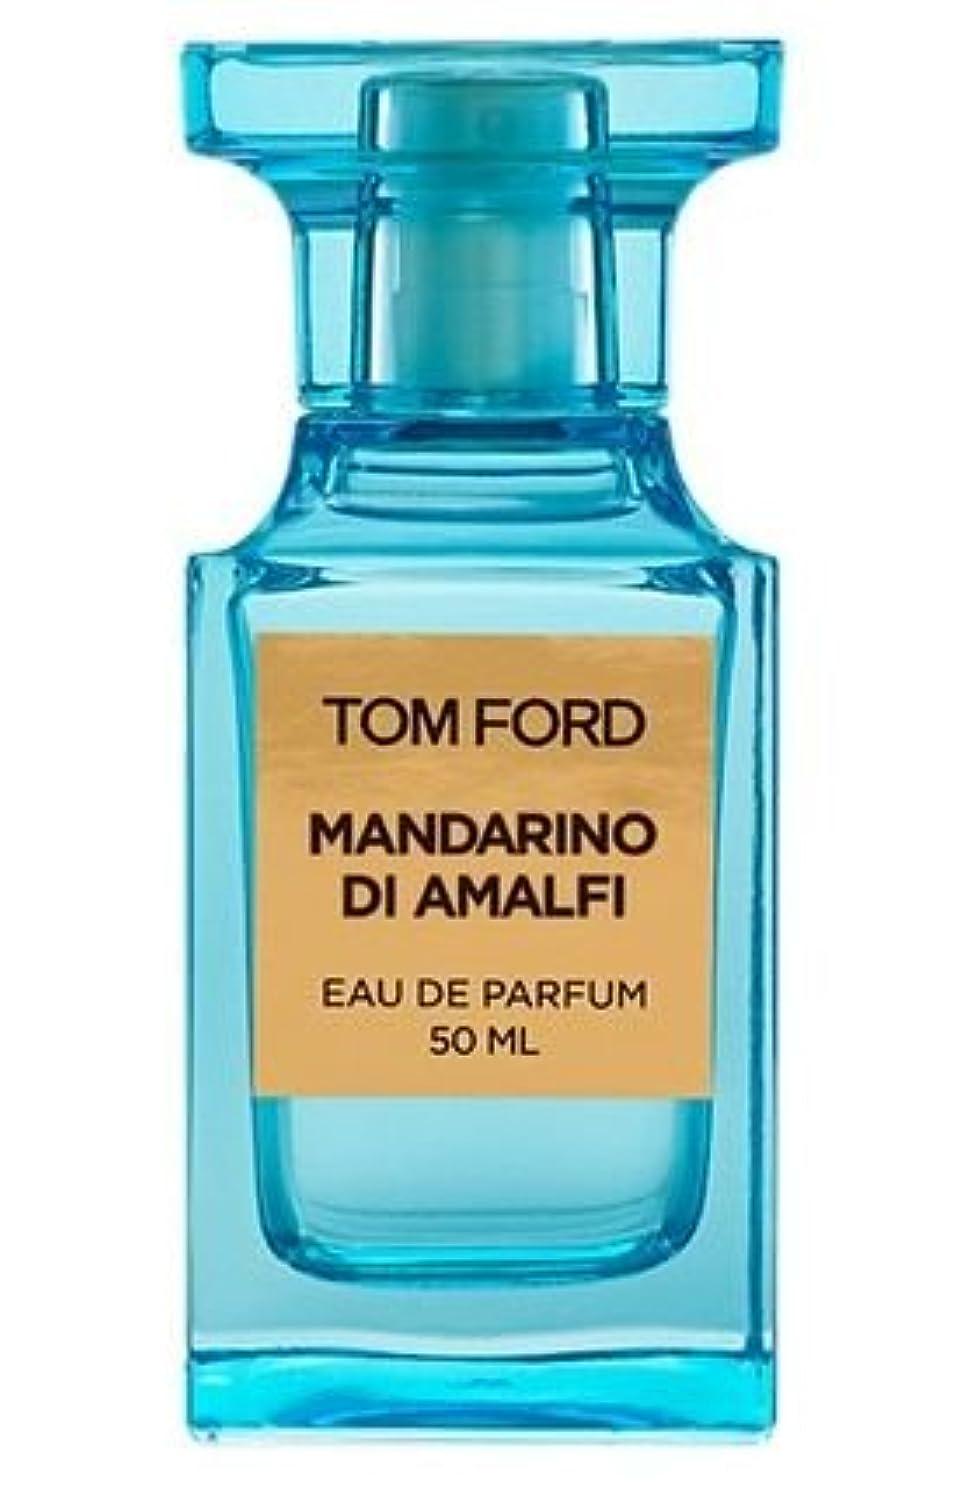 眠りシャープスチールトムフォード TOM FORD 香水 マンダリーノ ディ アマルフィ パルファム 50ml メンズ/レディース [並行輸入品]